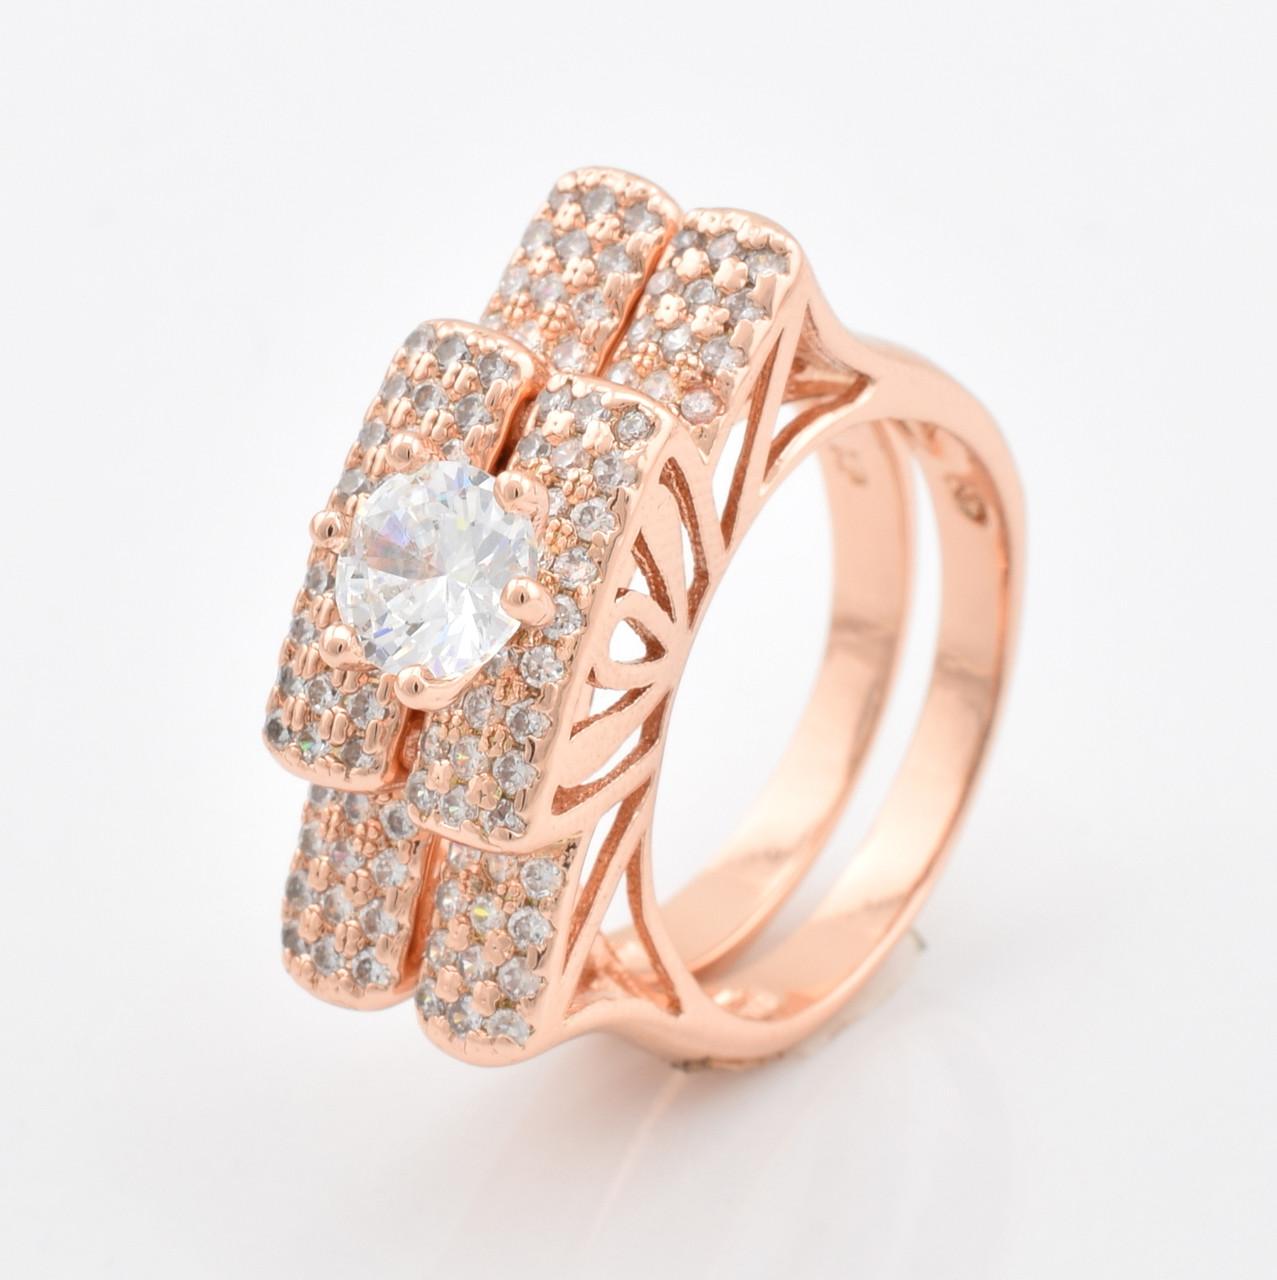 Кольцо двойное 56144 размер 17, белые фианиты, позолота РО